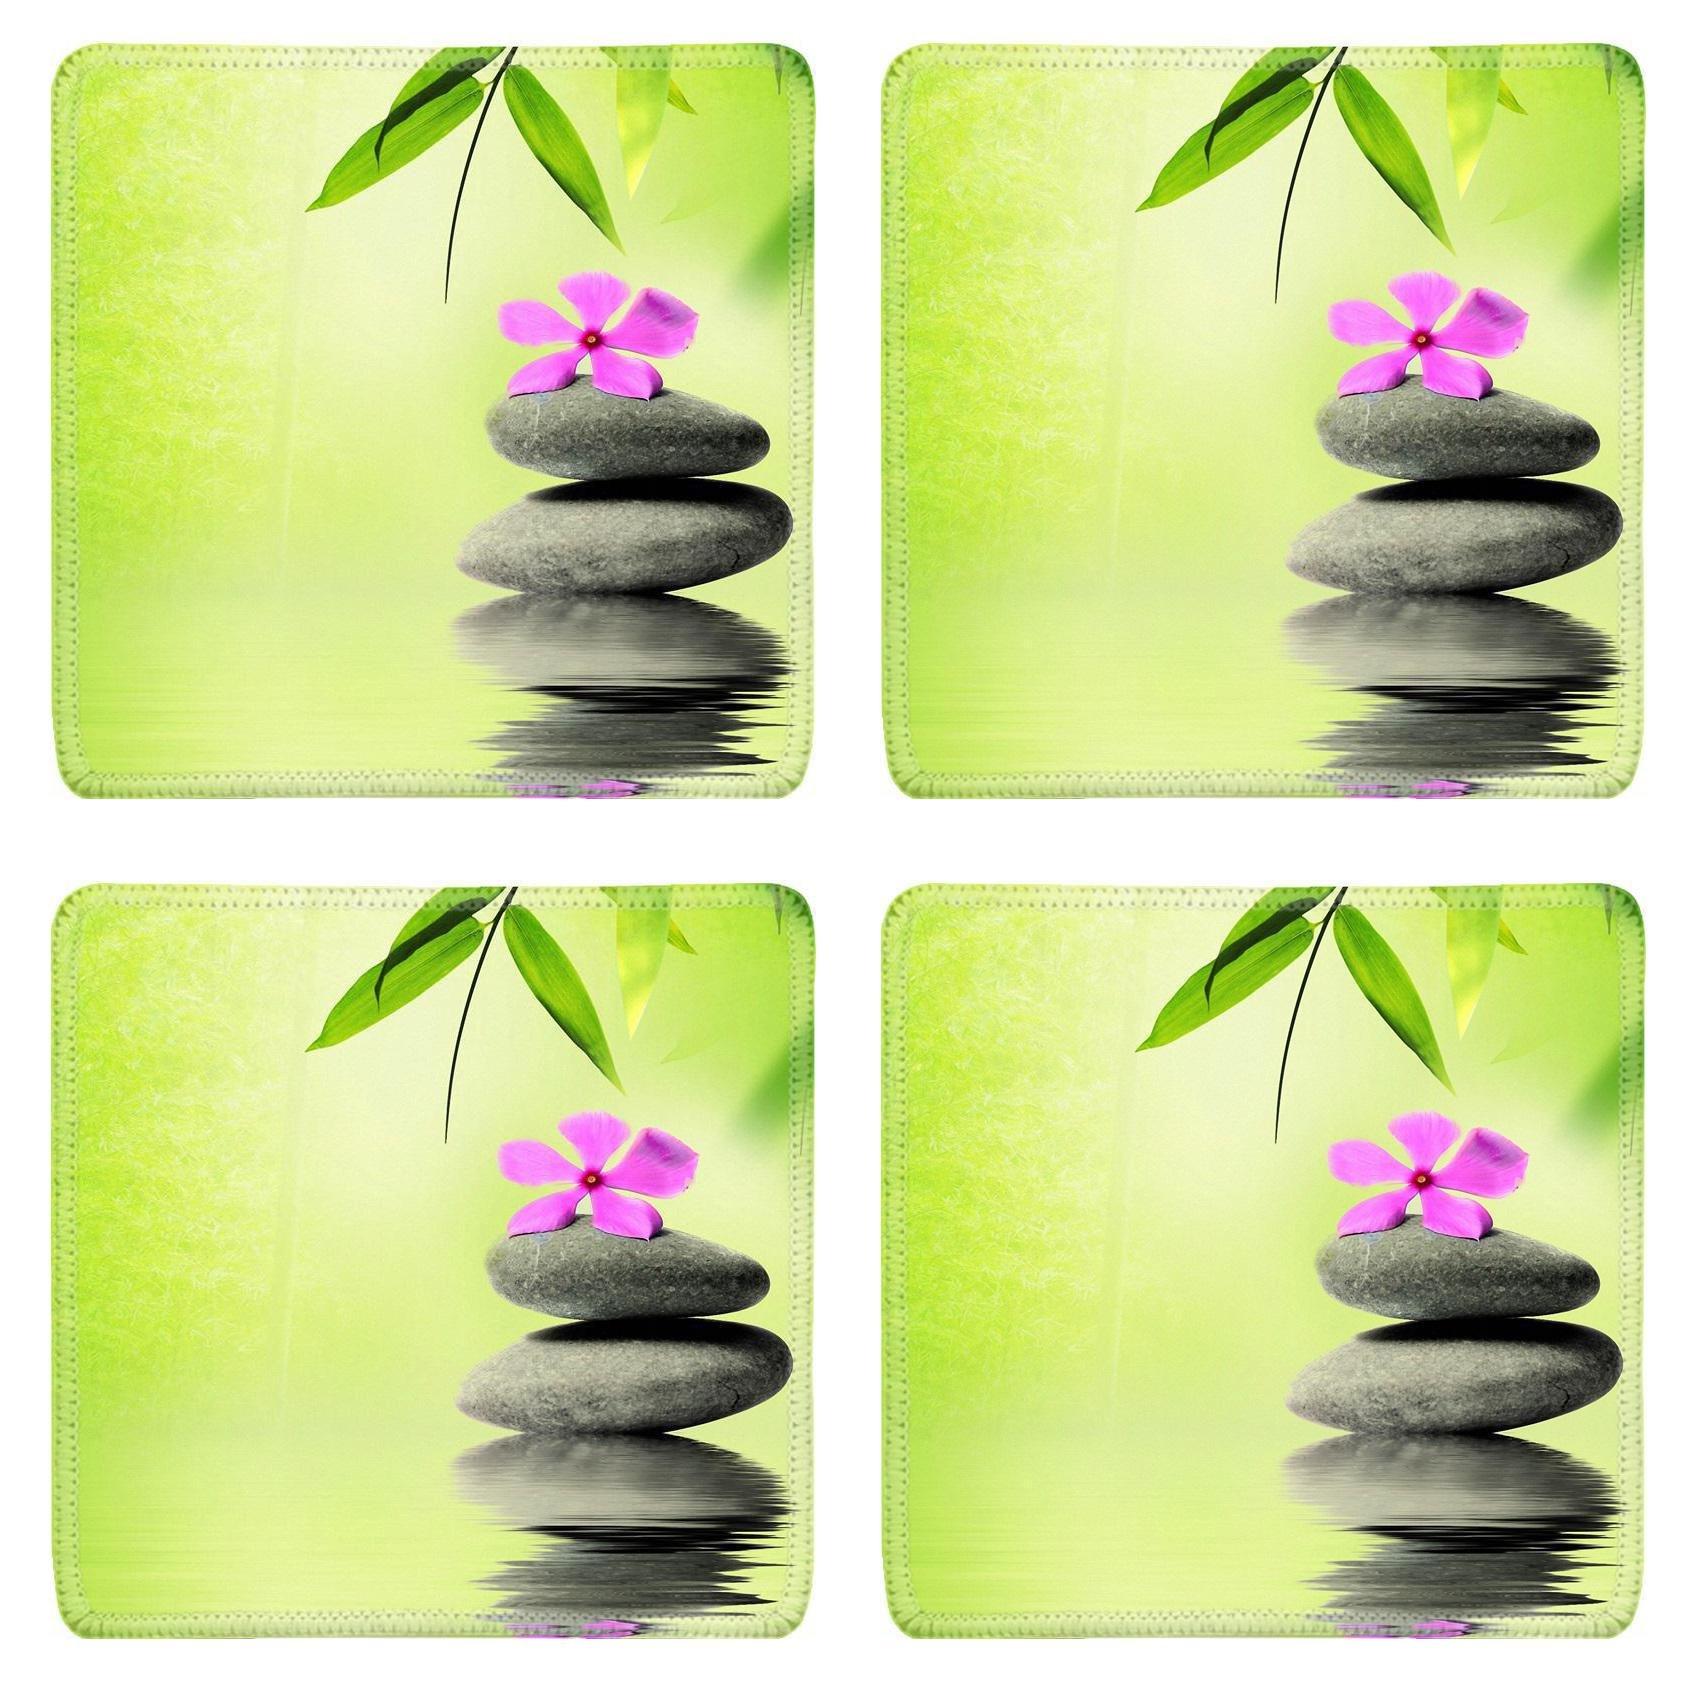 MSD Square Coasters Non-Slip Natural Rubber Desk Coasters design 20152514 Zen stone with flower in Spa concept